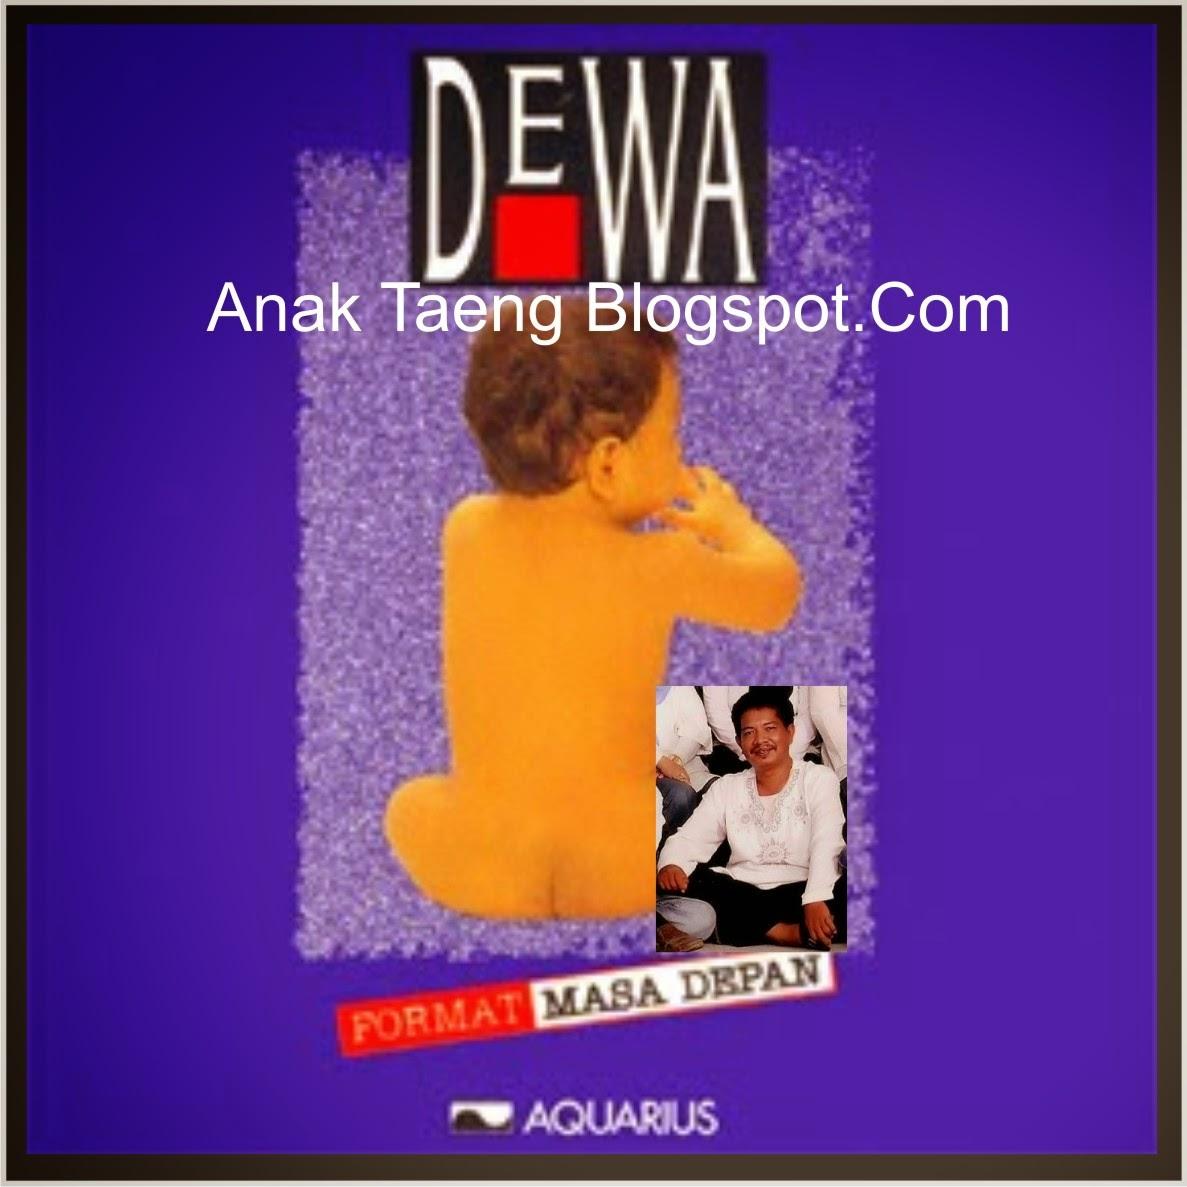 Dwonloand Lagu Meraih Bintang: Download Lagu Untuk Dikenang (by Anak Taeng): DEWA 19